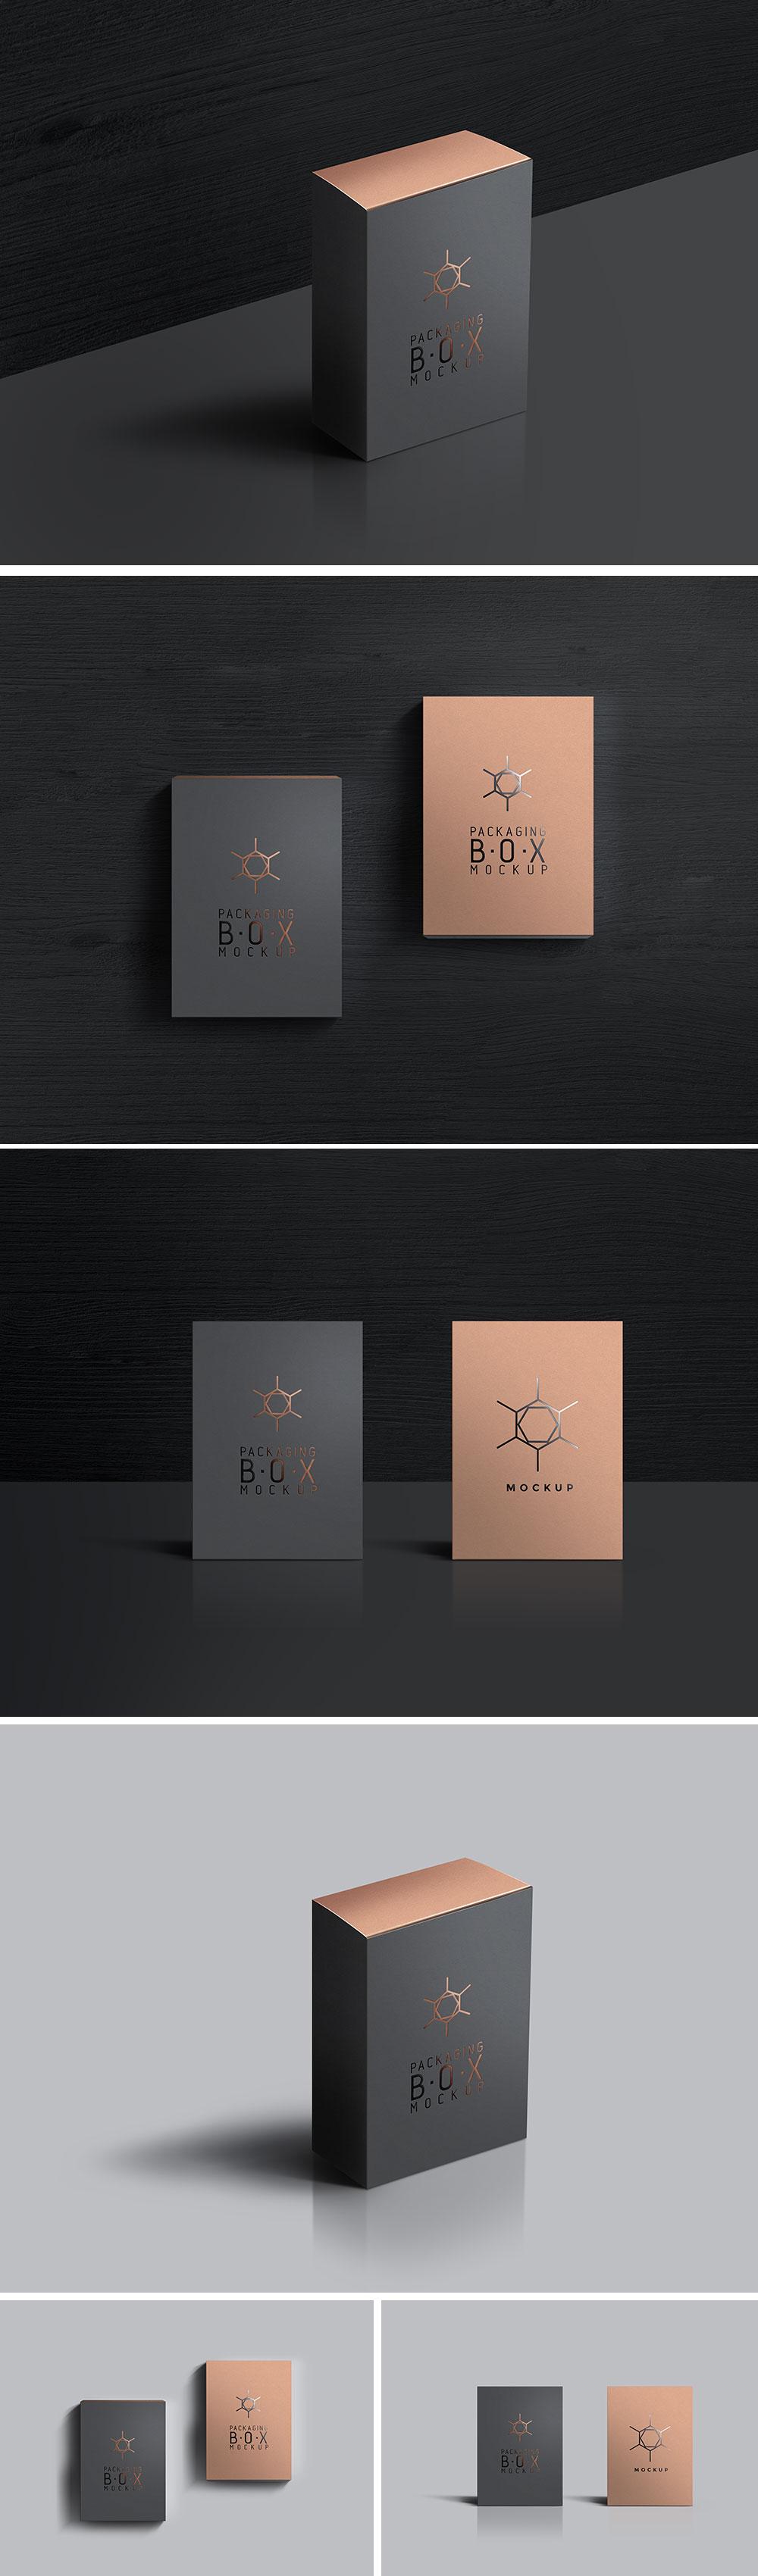 Packaging Box Mockups PSD